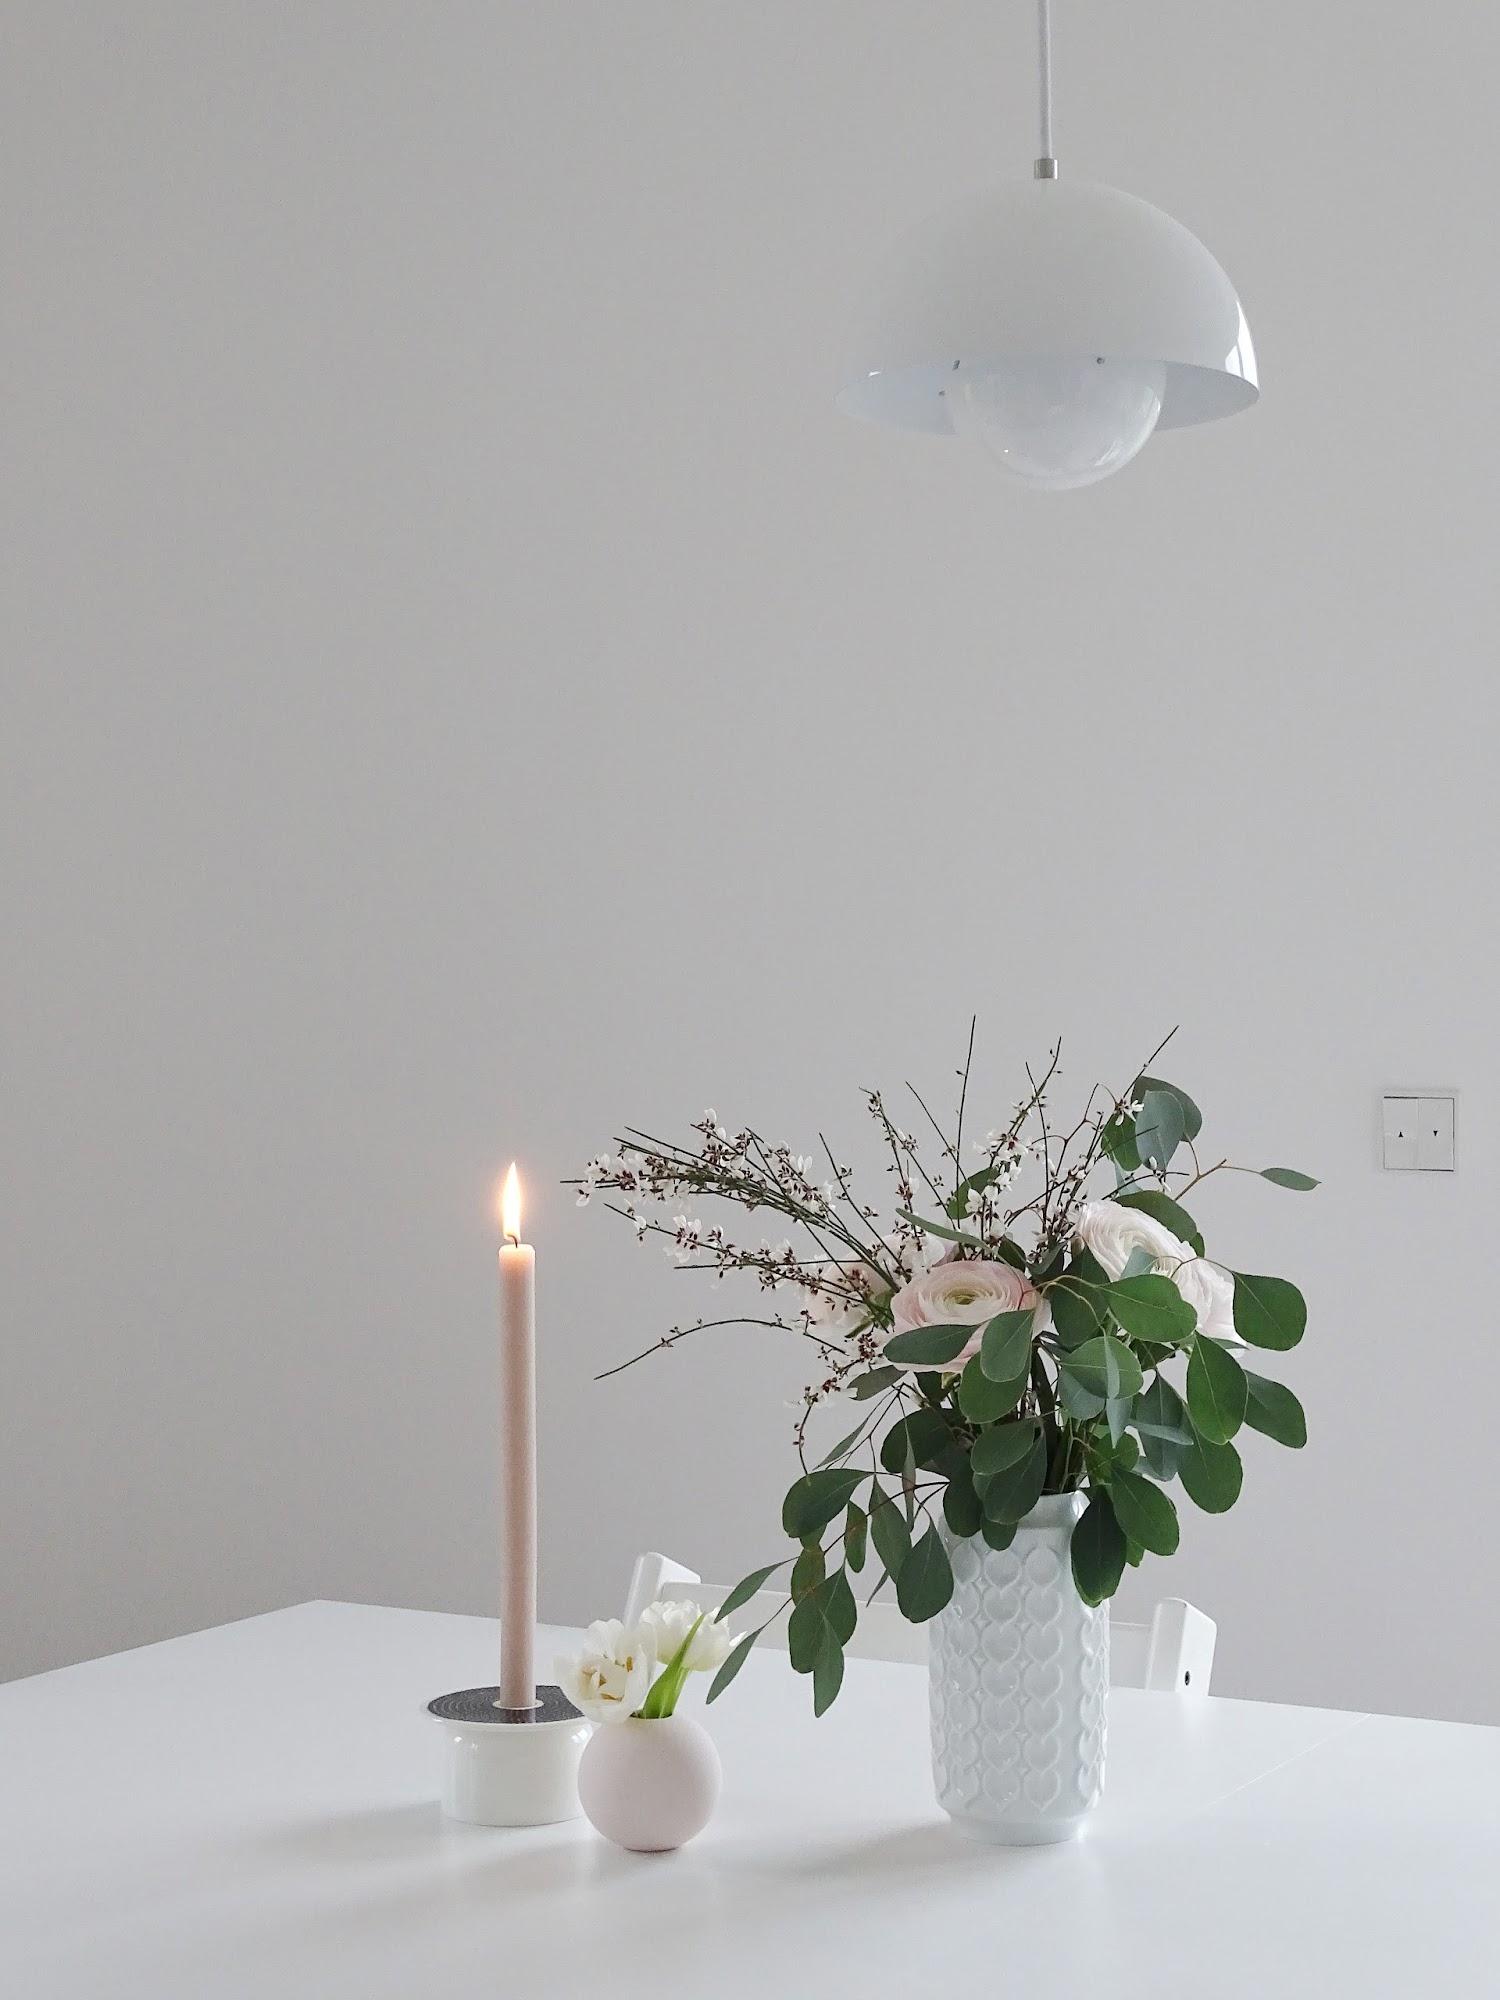 Blumenstyling-Idee mit Ranunkeln, Ginster und Eukalyptus | Fotoaktion #12von12 und 1 Tag in 12 Bildern | https://mammilade.blogspot.de